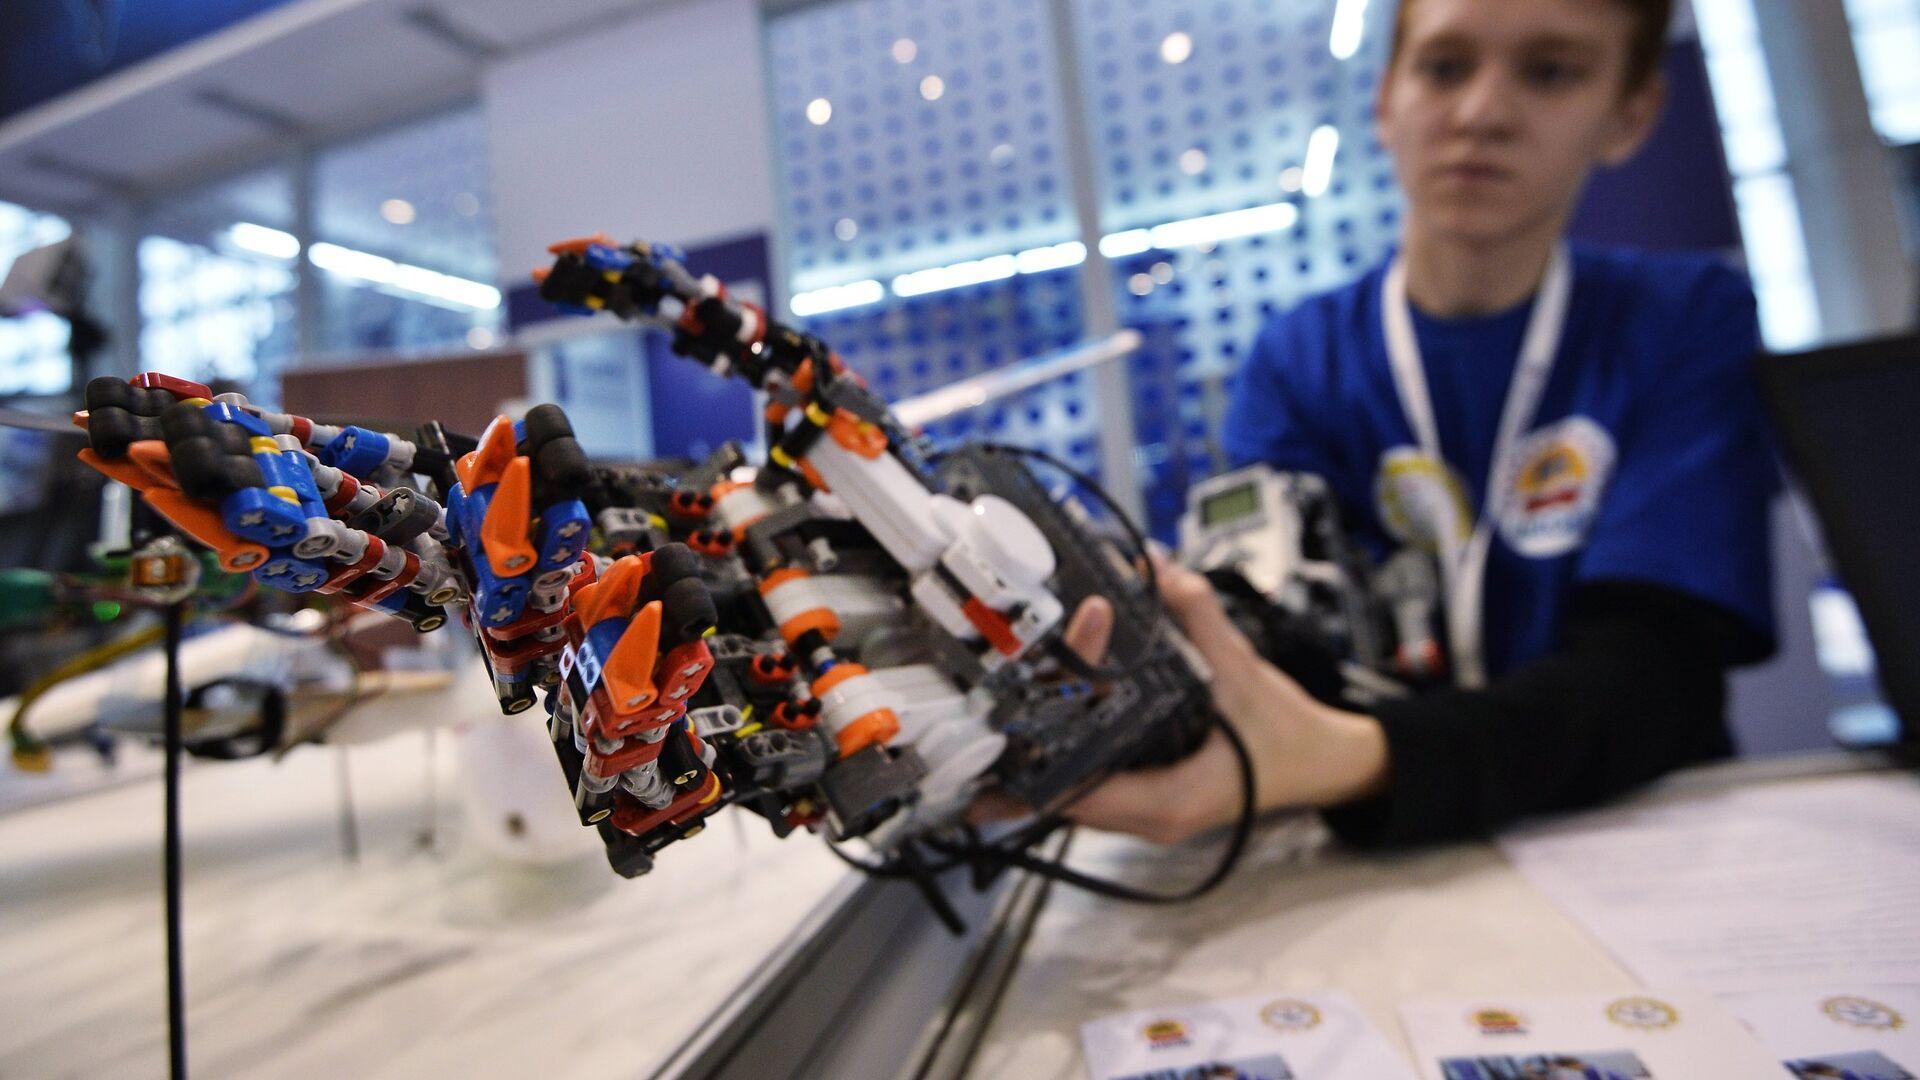 Демонстрация прототипа экзоскелета руки человека, созданного с использованием конструктора лего, на шоу технологий Открытые инновации в 75-м павильоне ВДНХ - РИА Новости, 1920, 11.09.2020